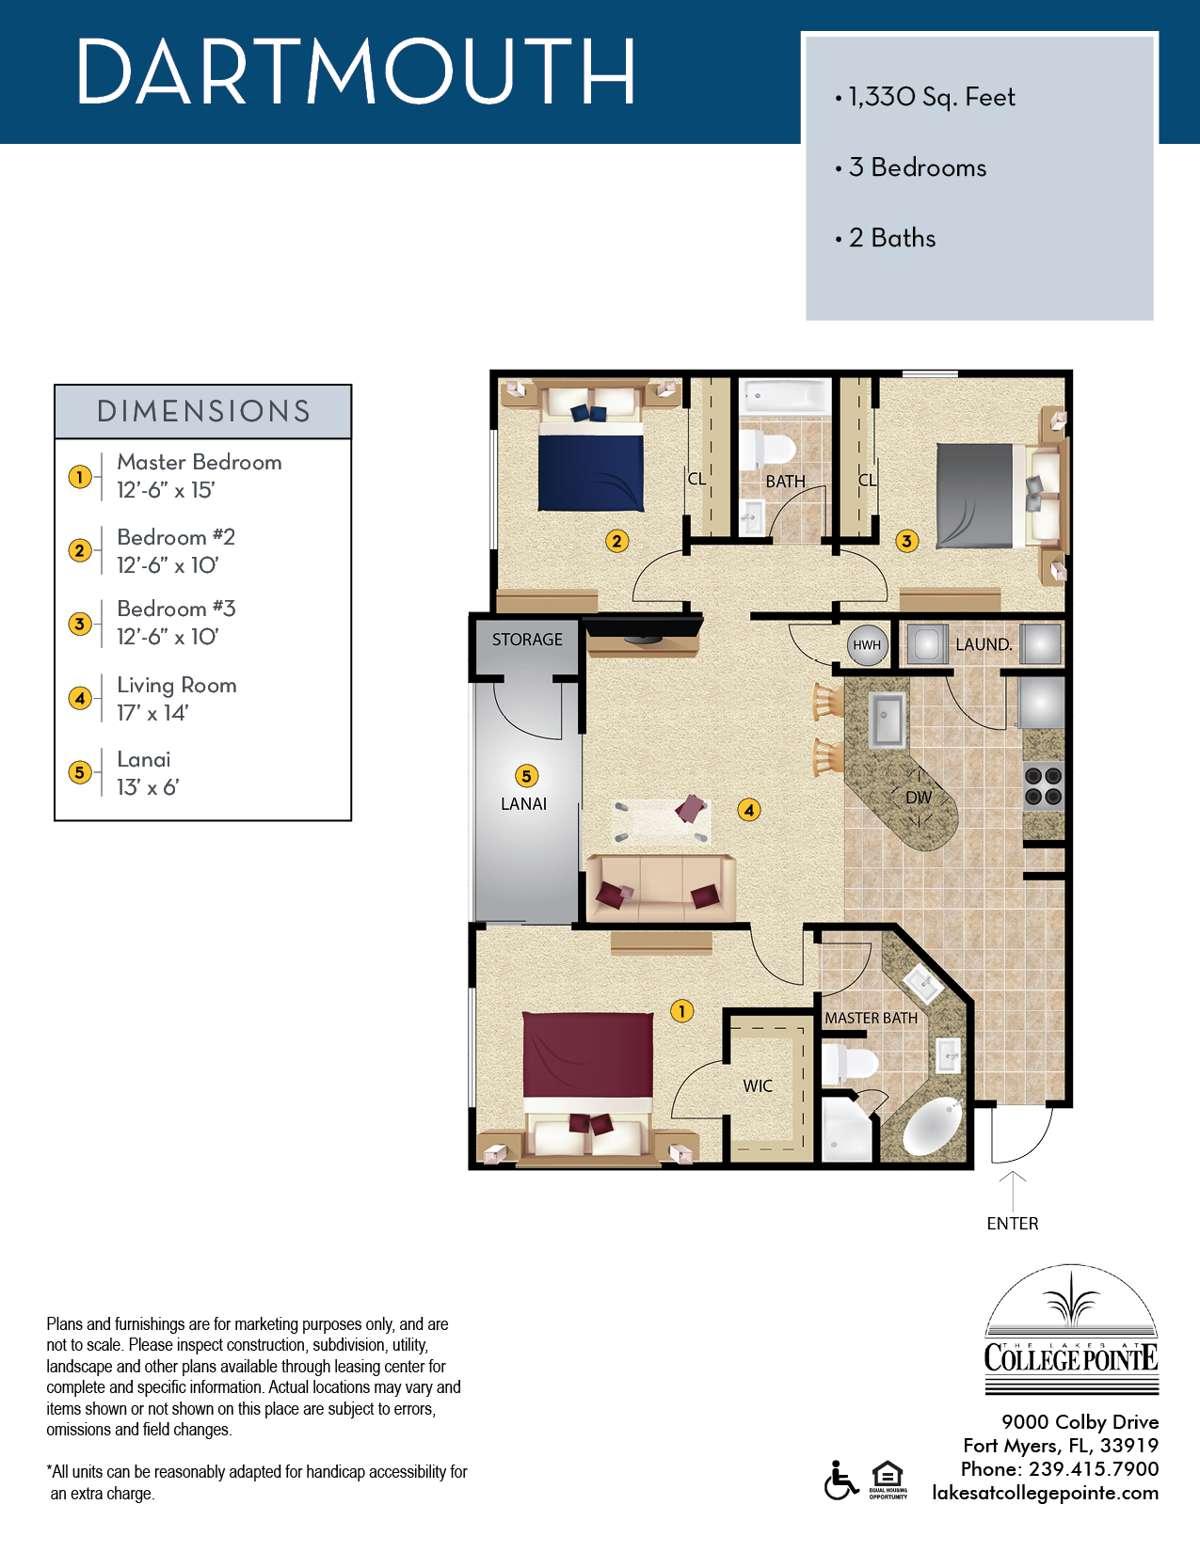 The Dartmouth Floor Plan